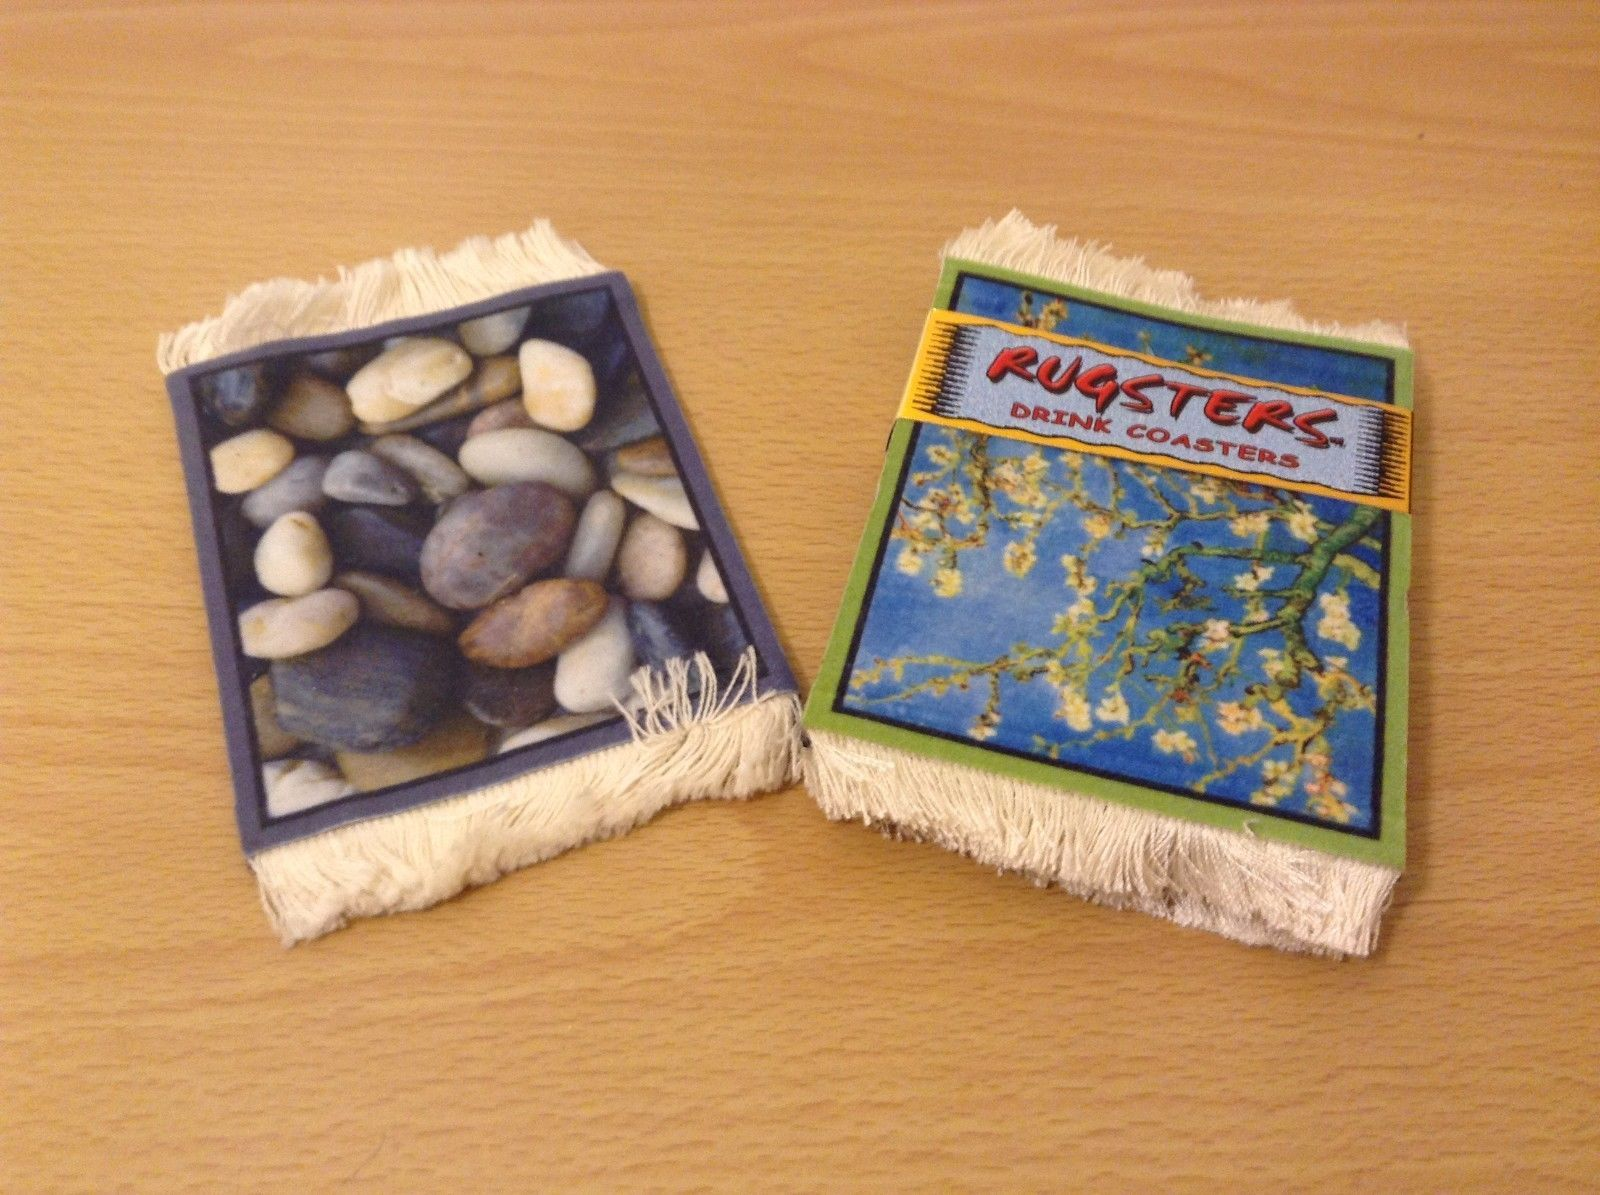 Rugsters Drink Coasters 4 Almond Tree Design + 1 Freebie Rug Like